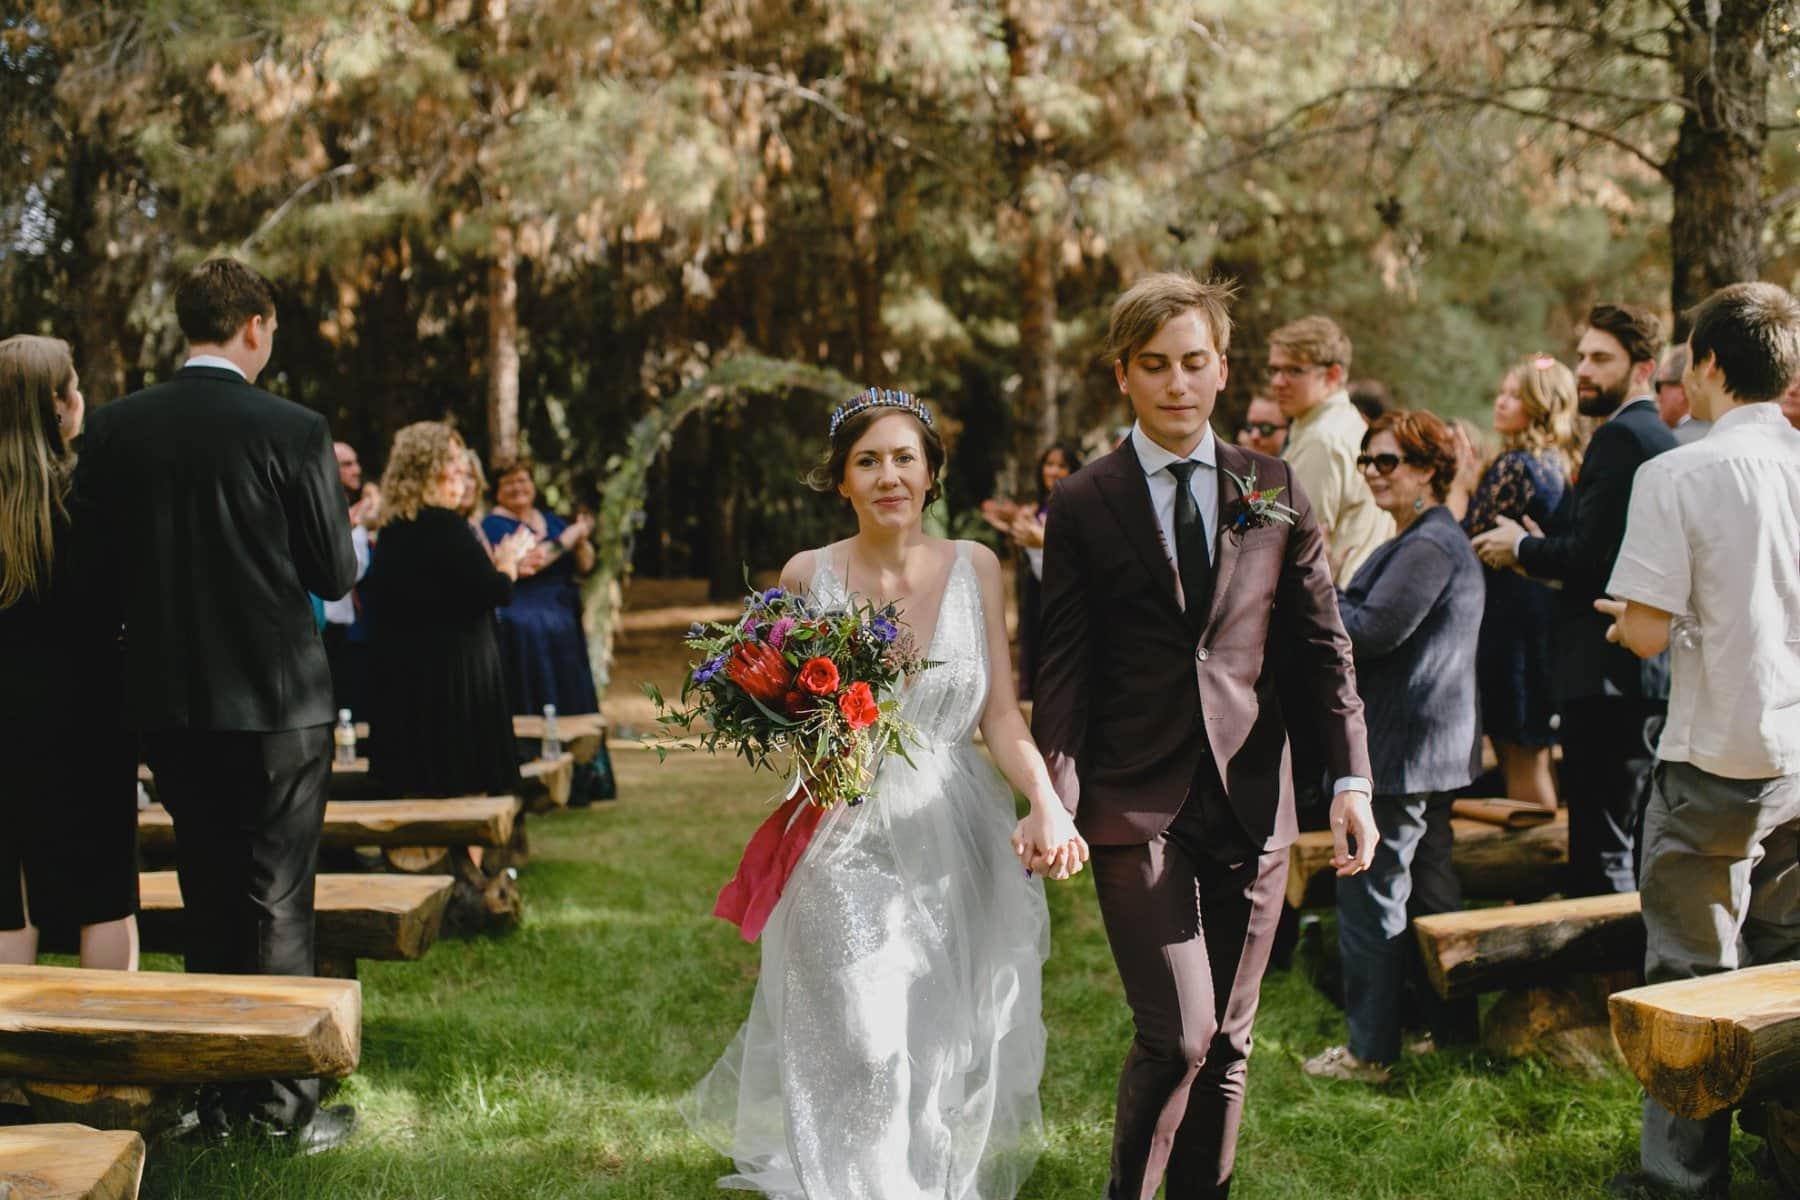 wedding photos the Meadow Schnepf Farms